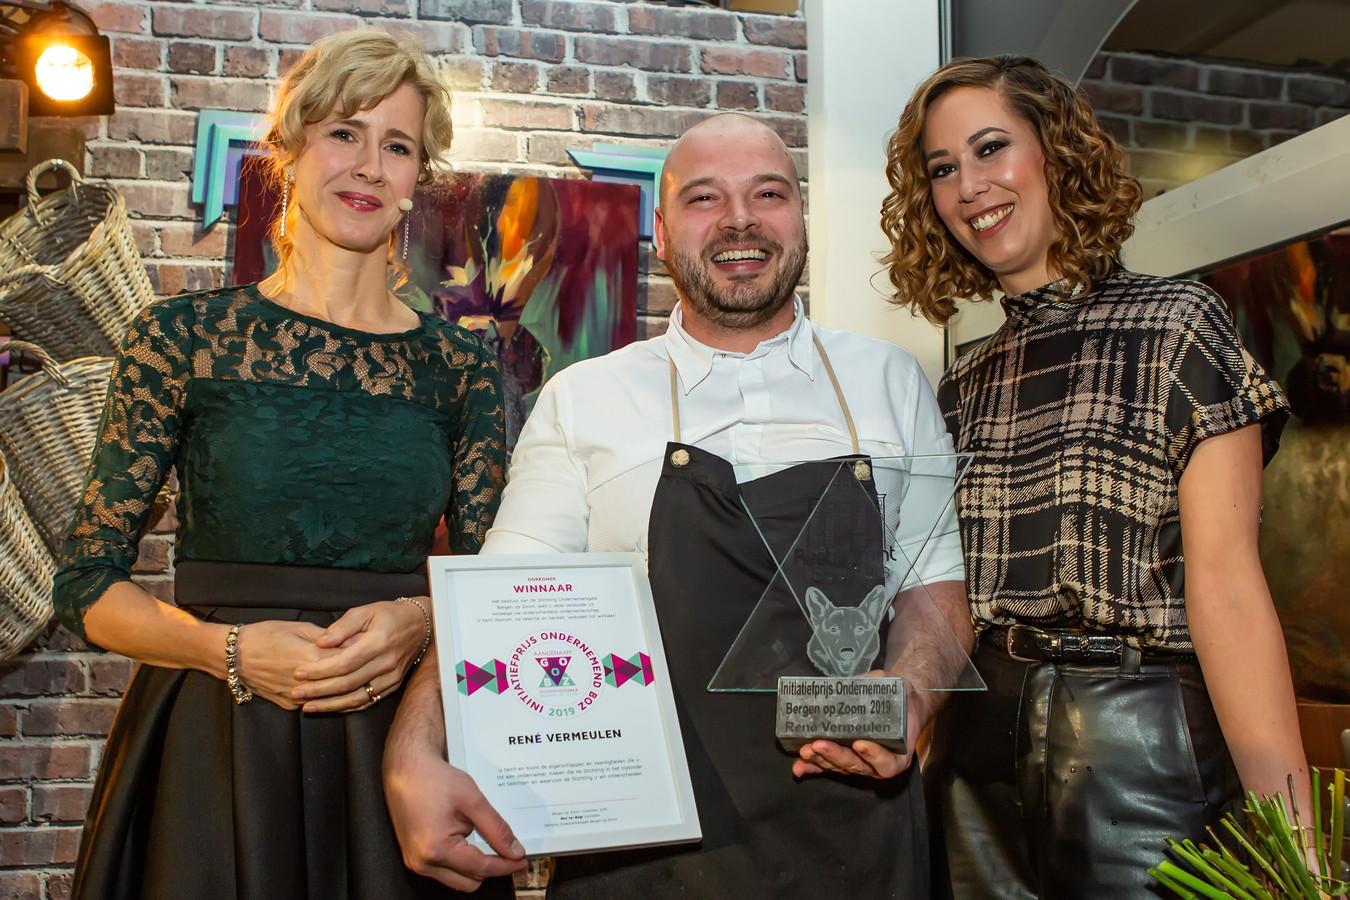 Horeca-ondernemer René Vermeulen, met rechts naast hem zijn vrouw Astrid, ontving vrijdagavond uit handen van staatssecretaris Mona Keijzer (links) de Initiatiefprijs 2019 tijdens het Aangenaam GoBoz Ondernemersgala in zijn eigen pop-up-restaurant Wild & Wijn Op het Ravelijn in Bergen op Zoom.